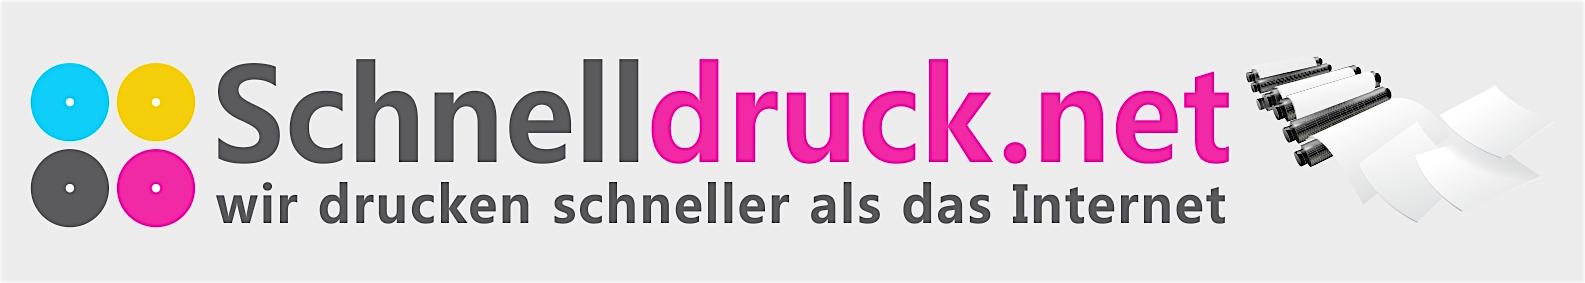 Schnelldruck am Ochsenzoll Druckerei für Hamburg und Norderstedt